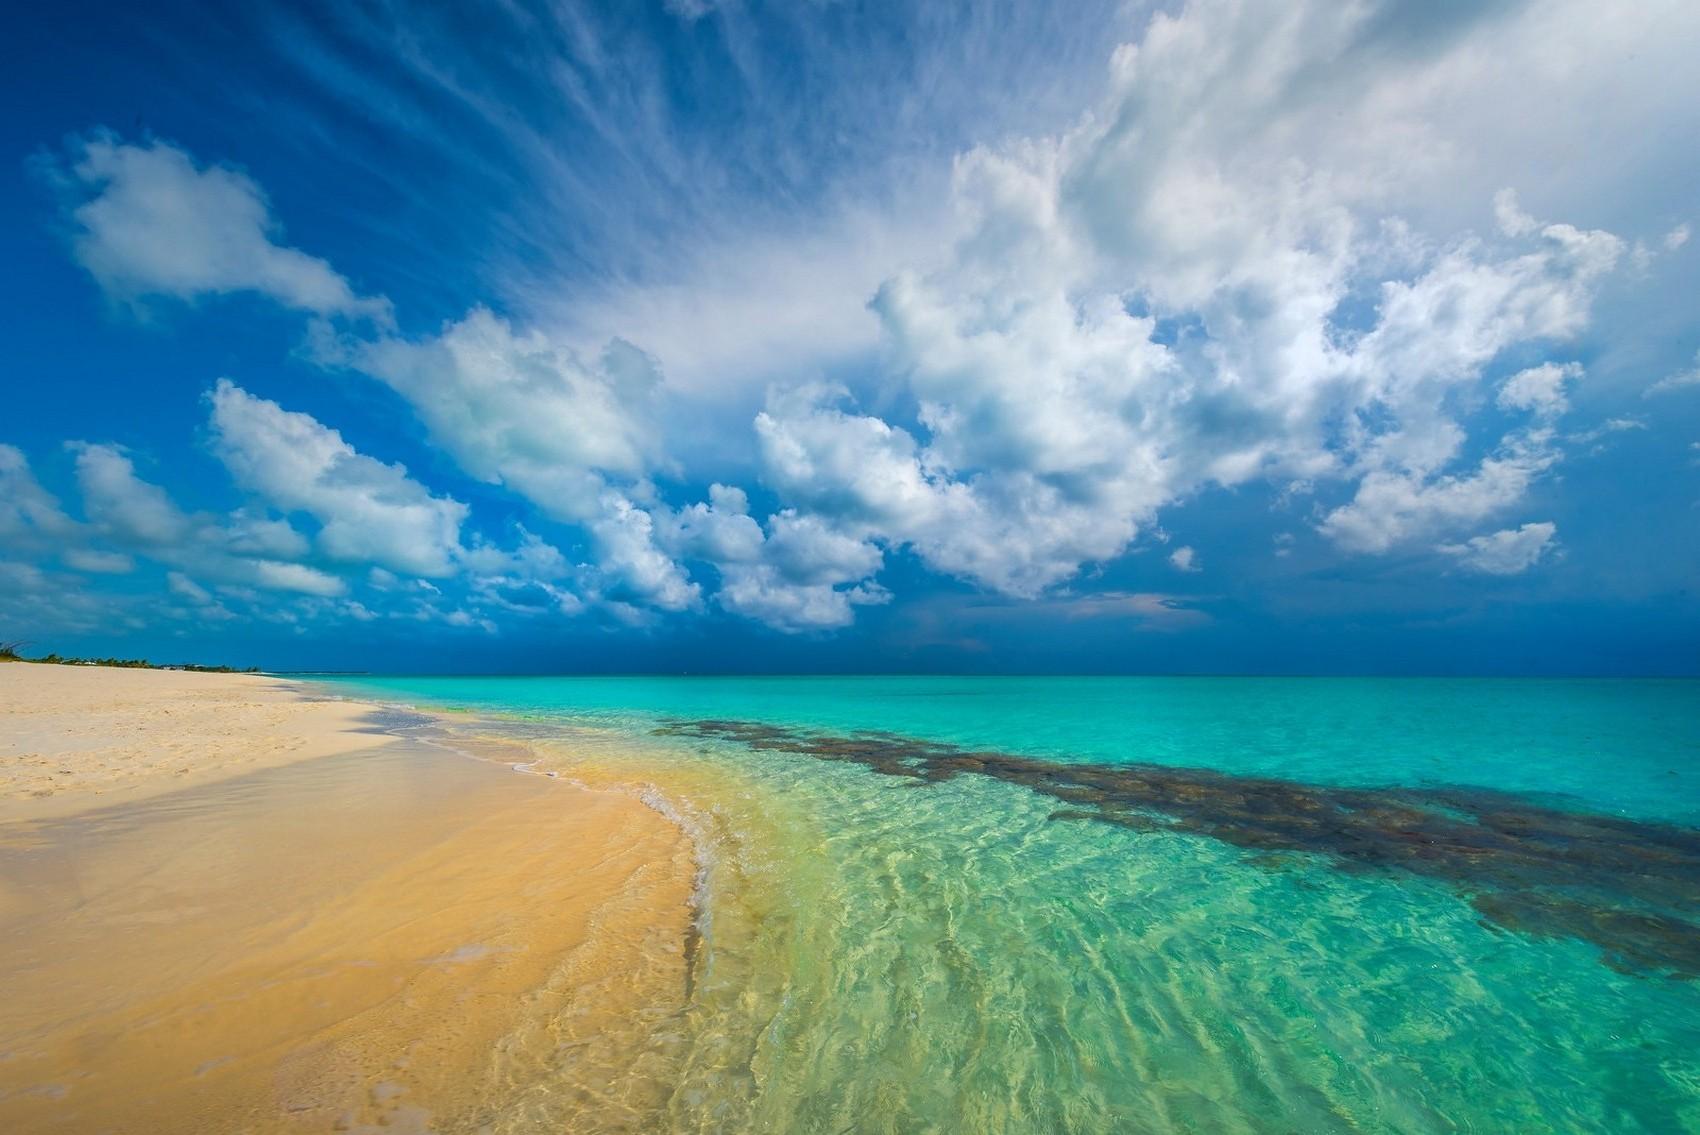 поодиночке картинки песчаного берега и океана монтаже верхнего освещения